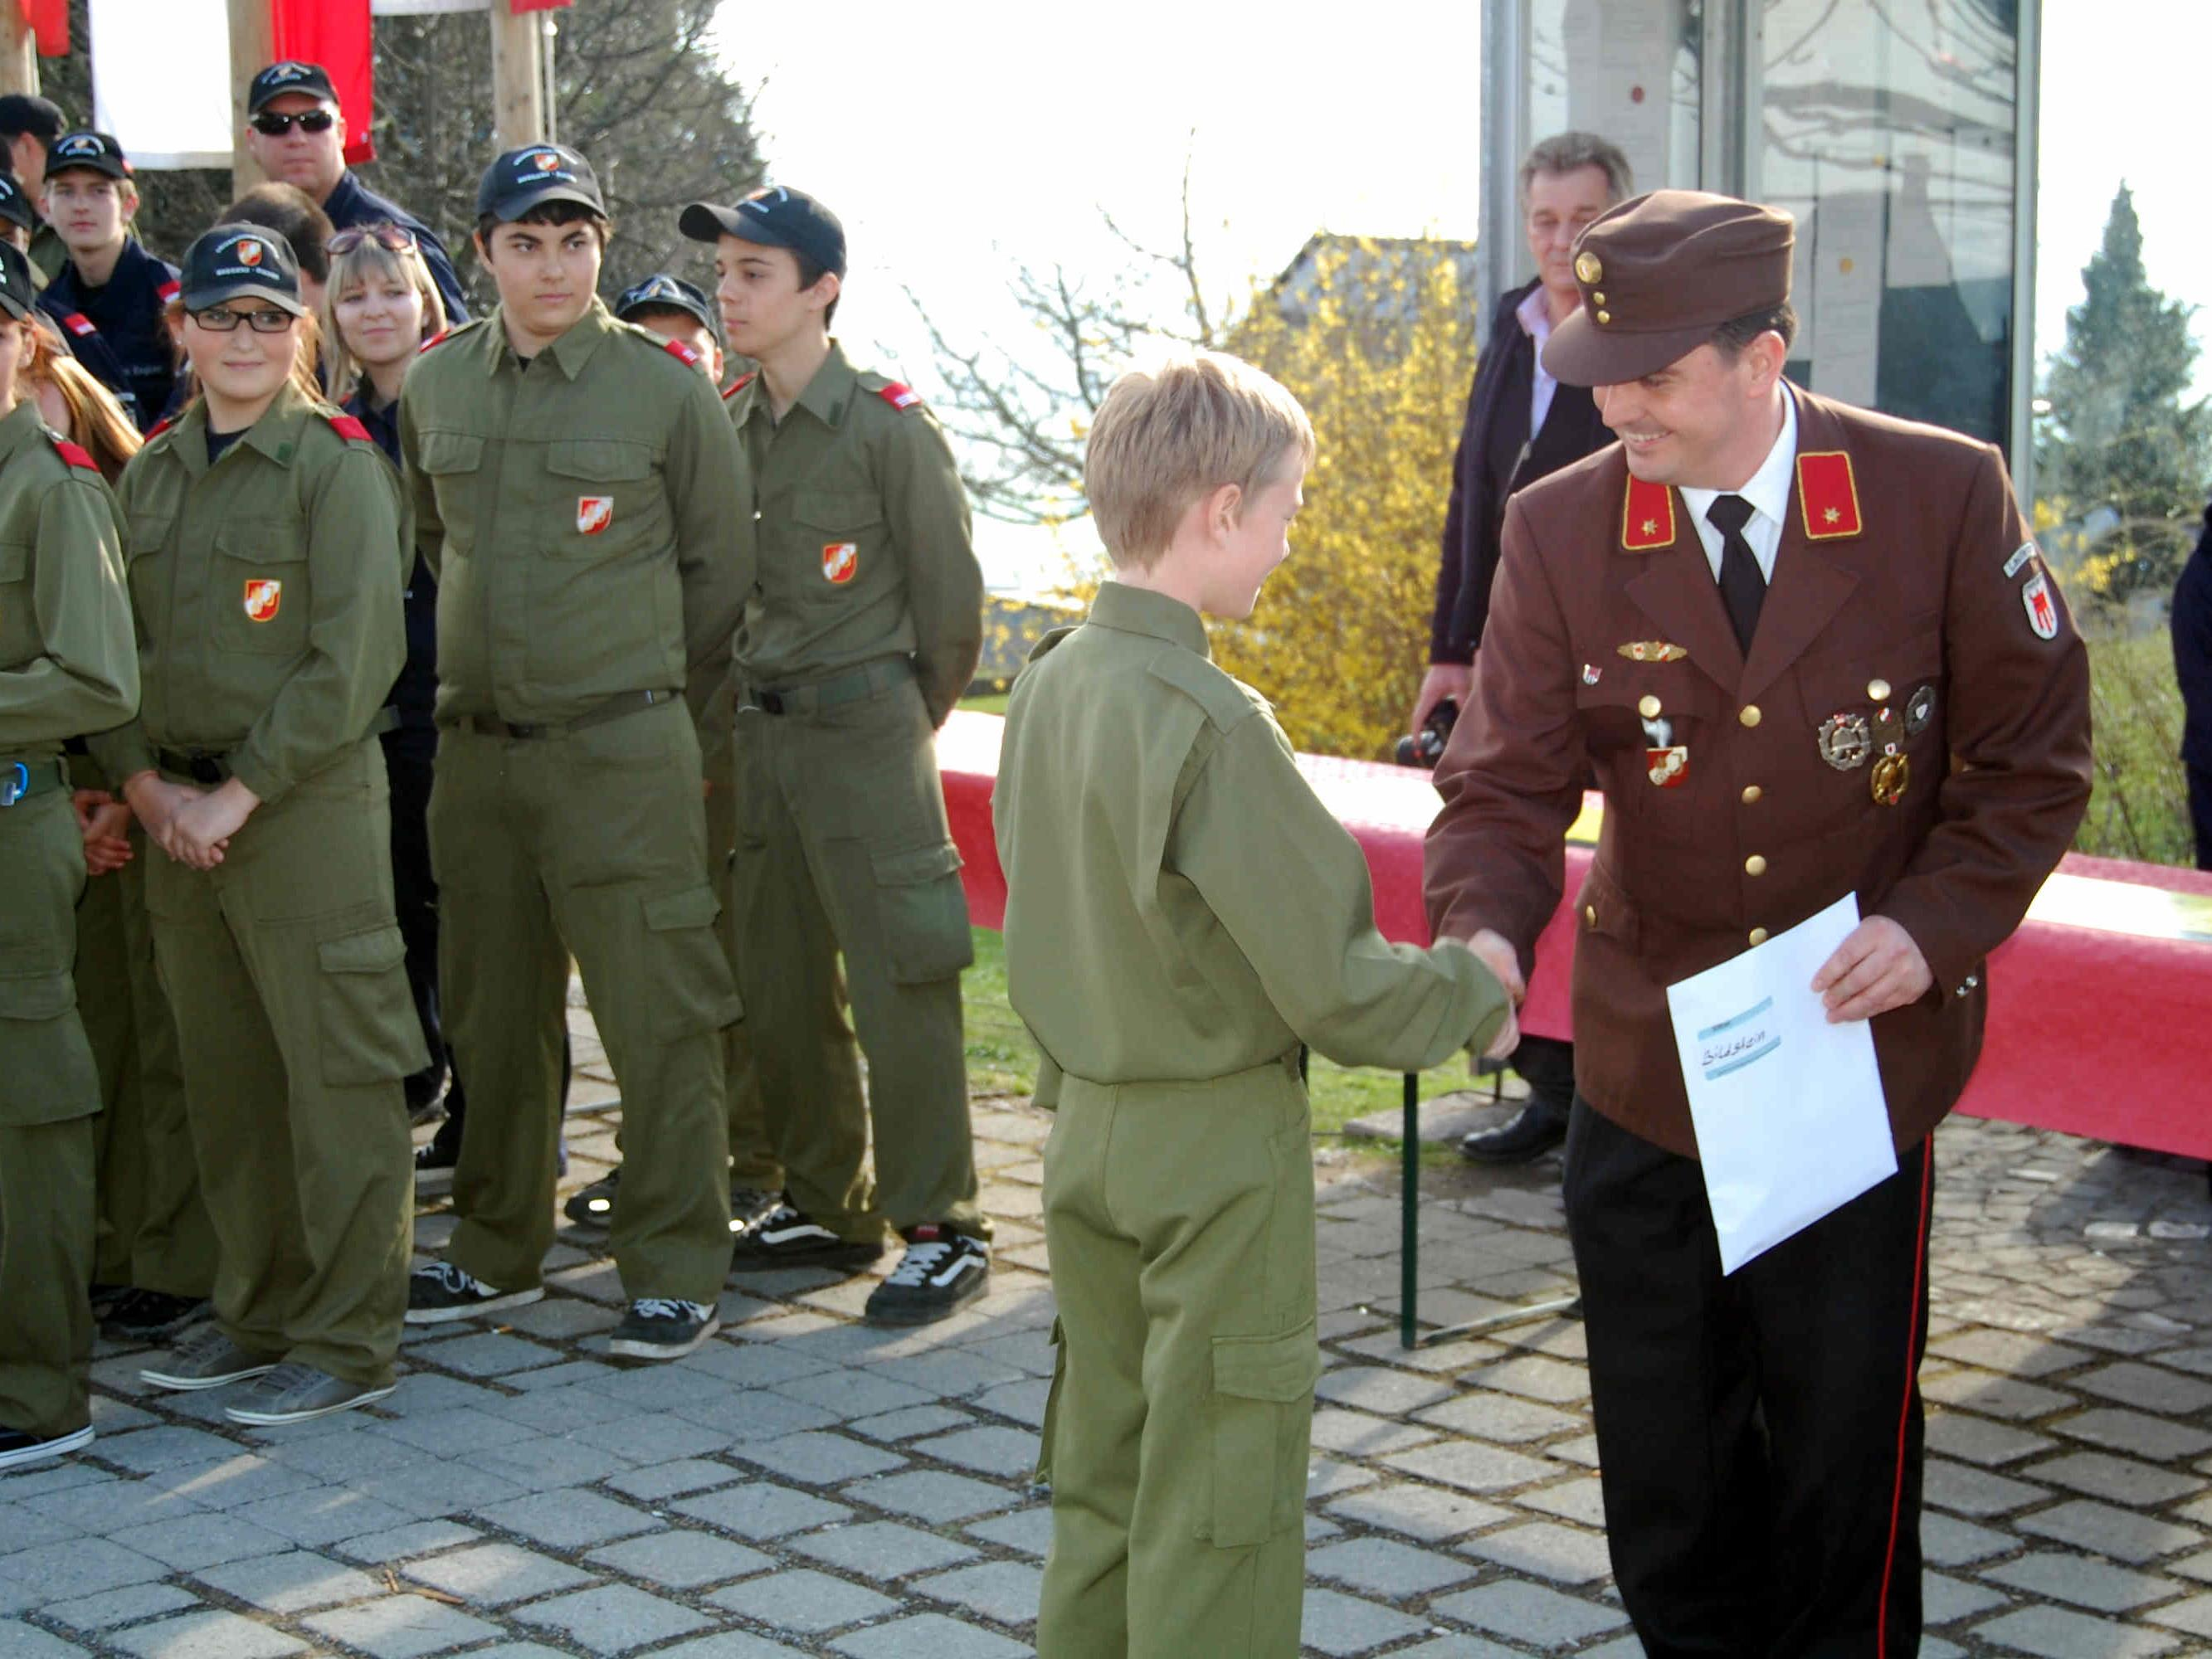 Bezirksjugendreferent Reinhard Karg gratulierte dem Feuerwehrnachwuchs.